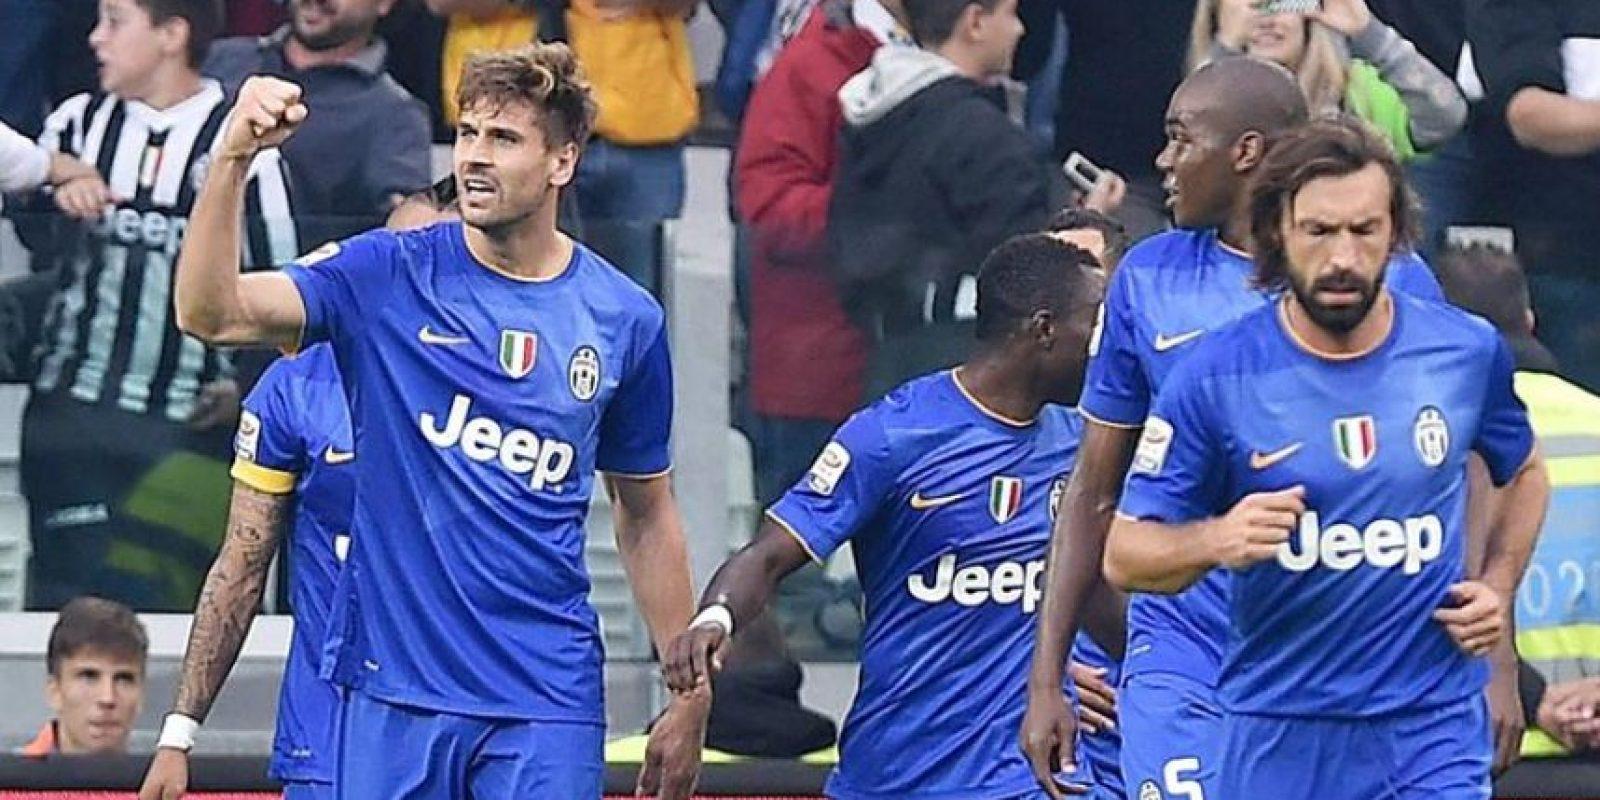 El delantero español del Juventus Fernando Llorente celebra (i) con sus compañeros el gol, el segundo de su equipo en el partido de la Serie A que han jugado Juventus FC y US Palermo en el Juventus Stadium de Turín, Italia. EFE/EPA/DI MARCO